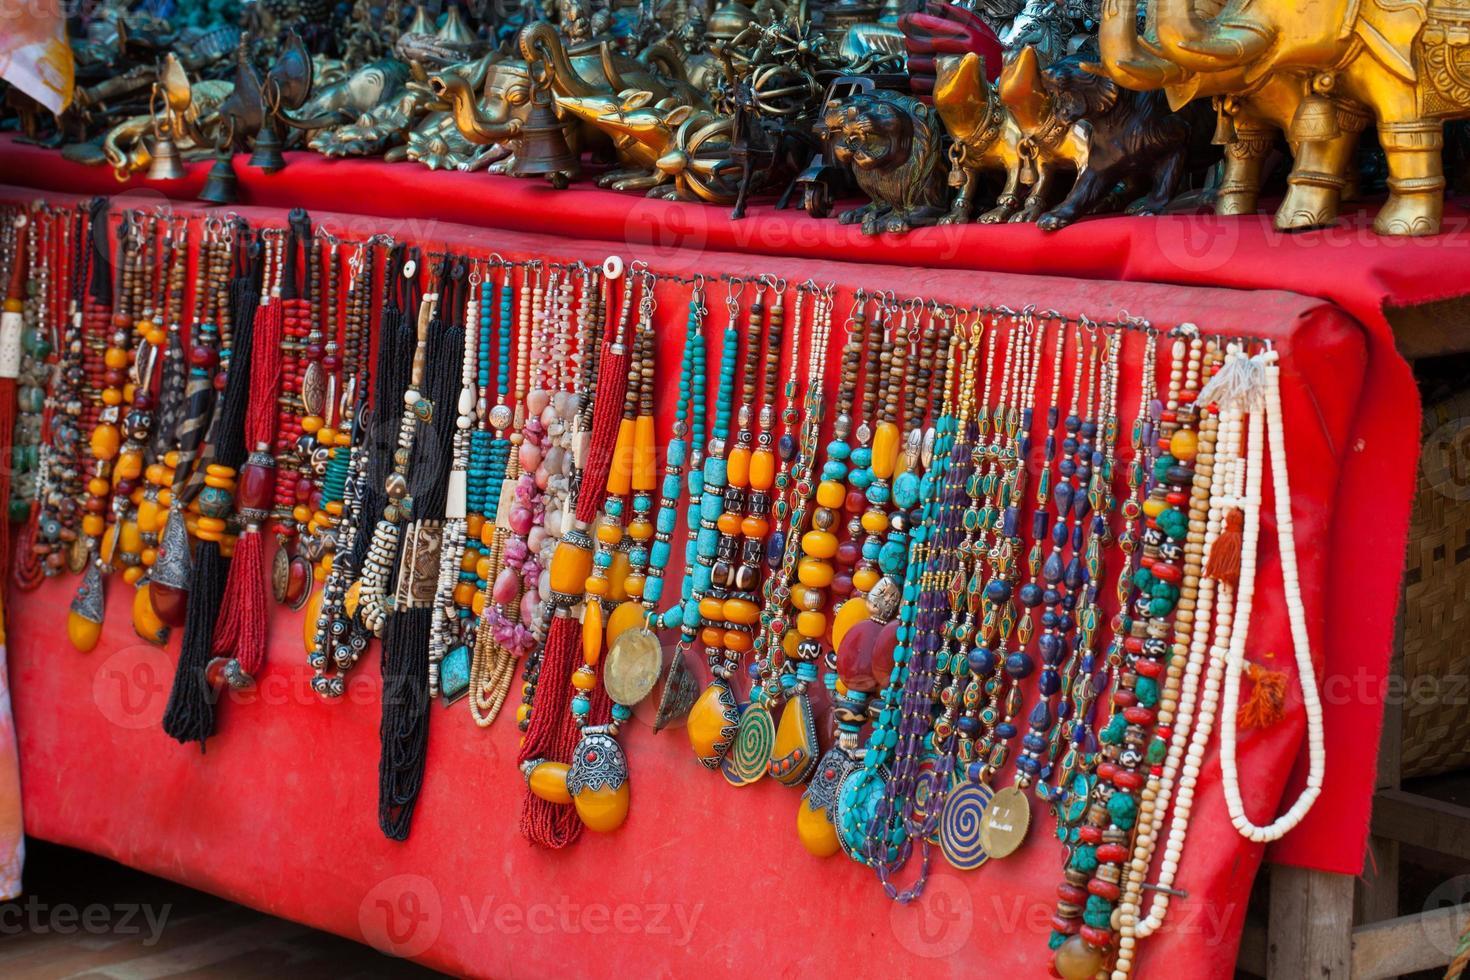 asiatisches Handwerk und Souvenirs foto